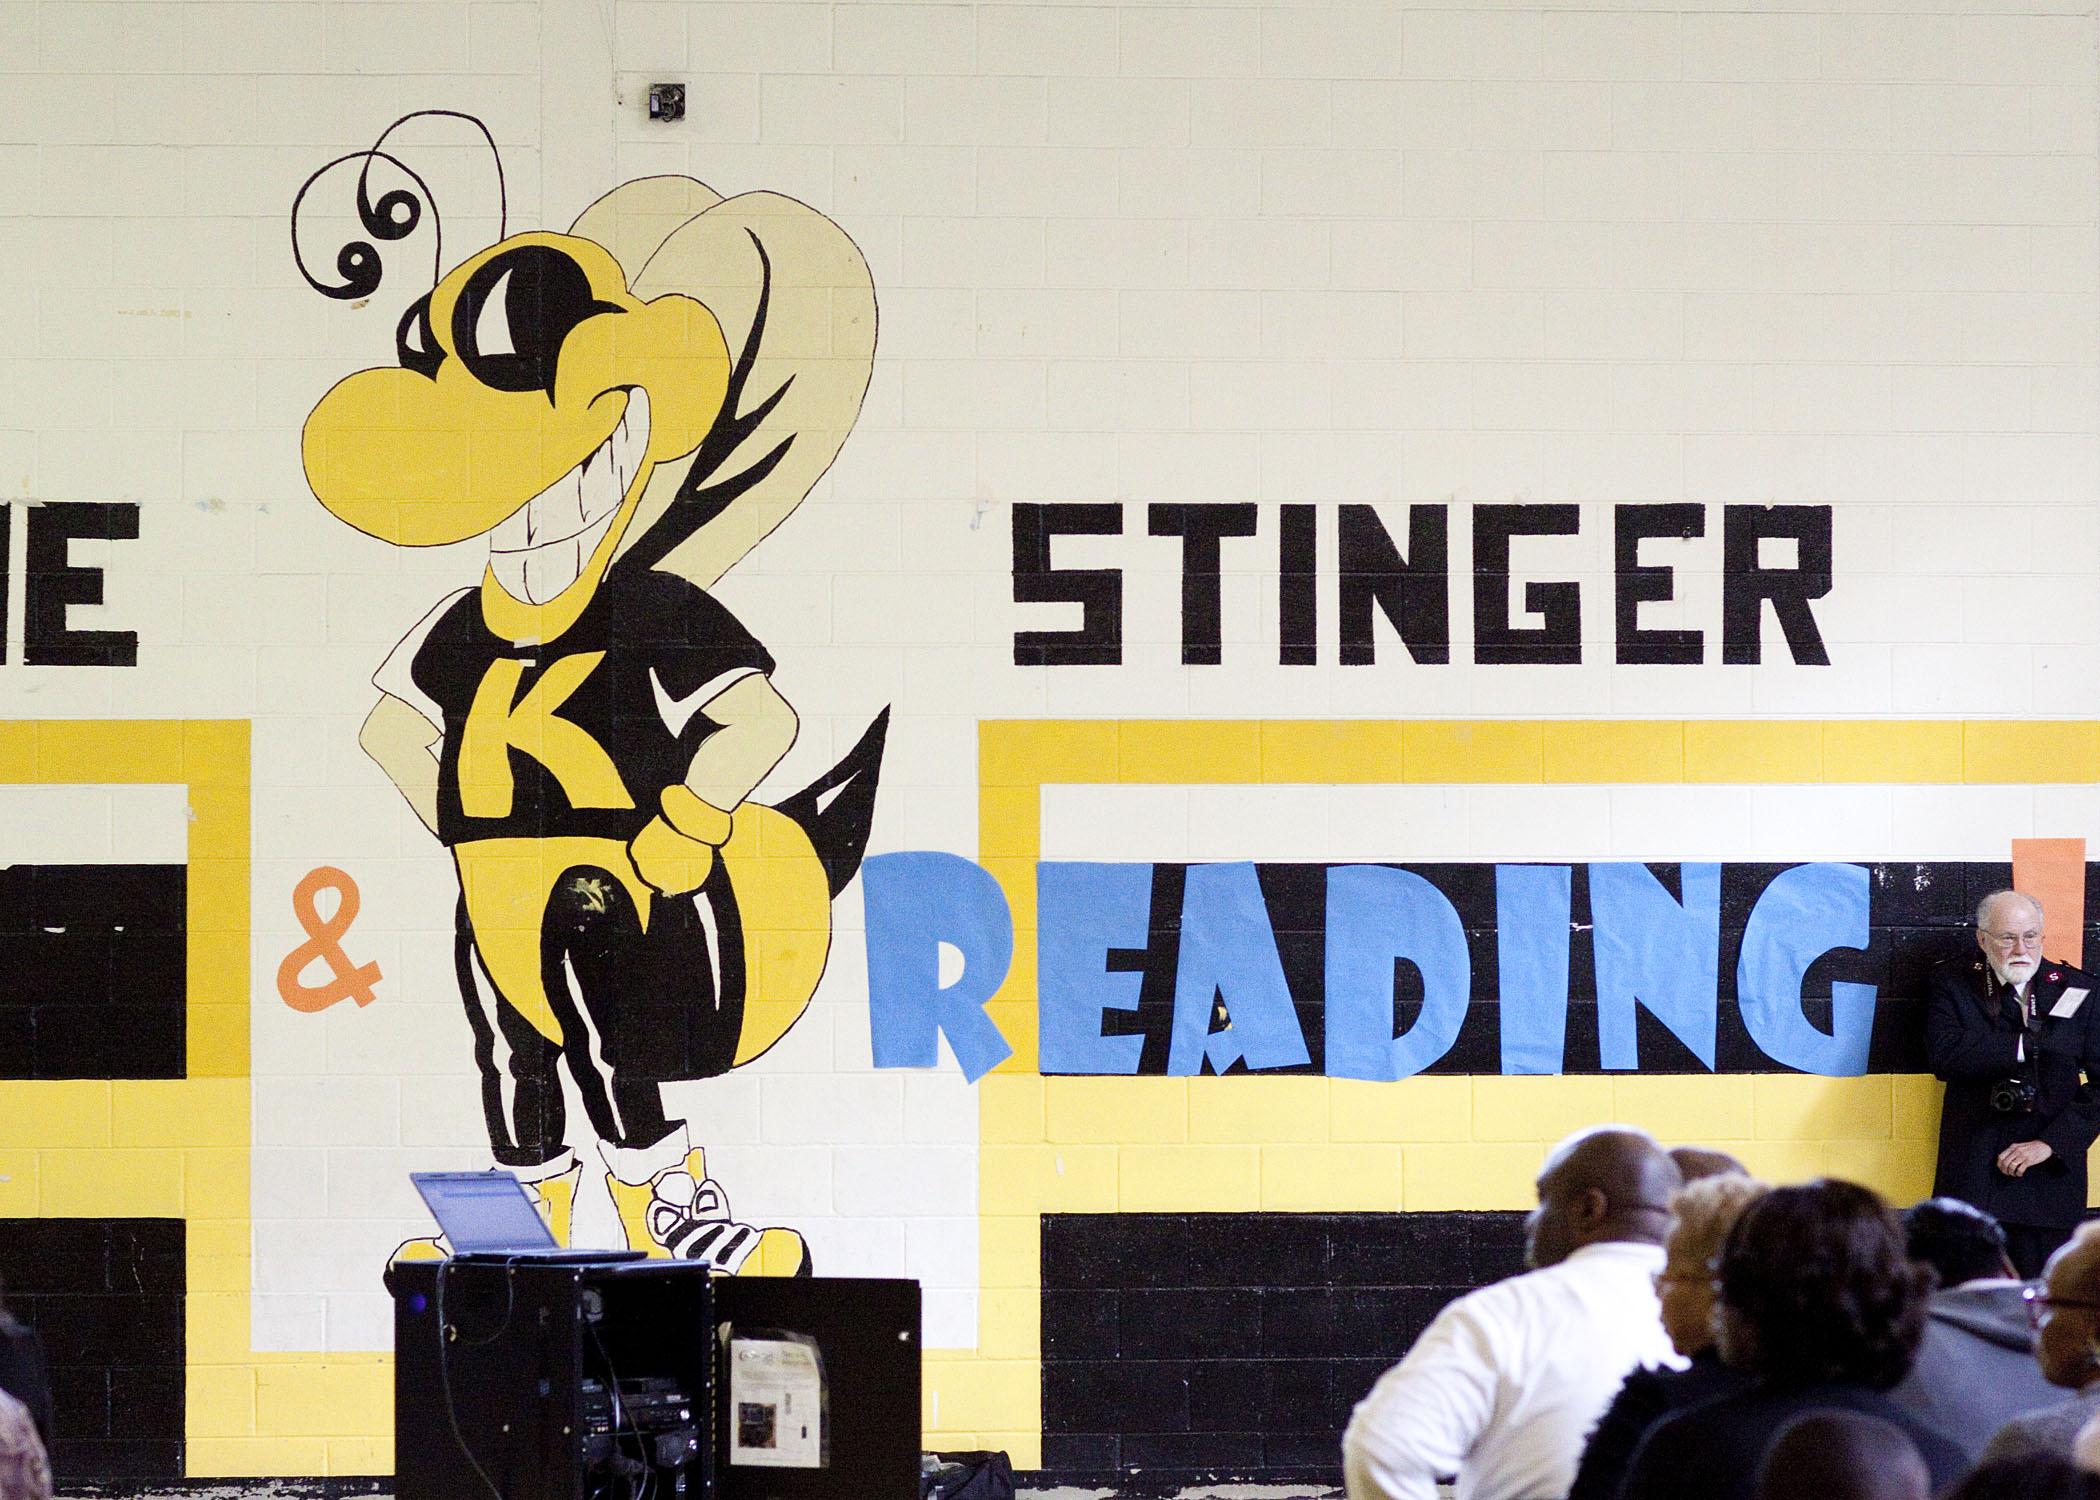 stinger reading